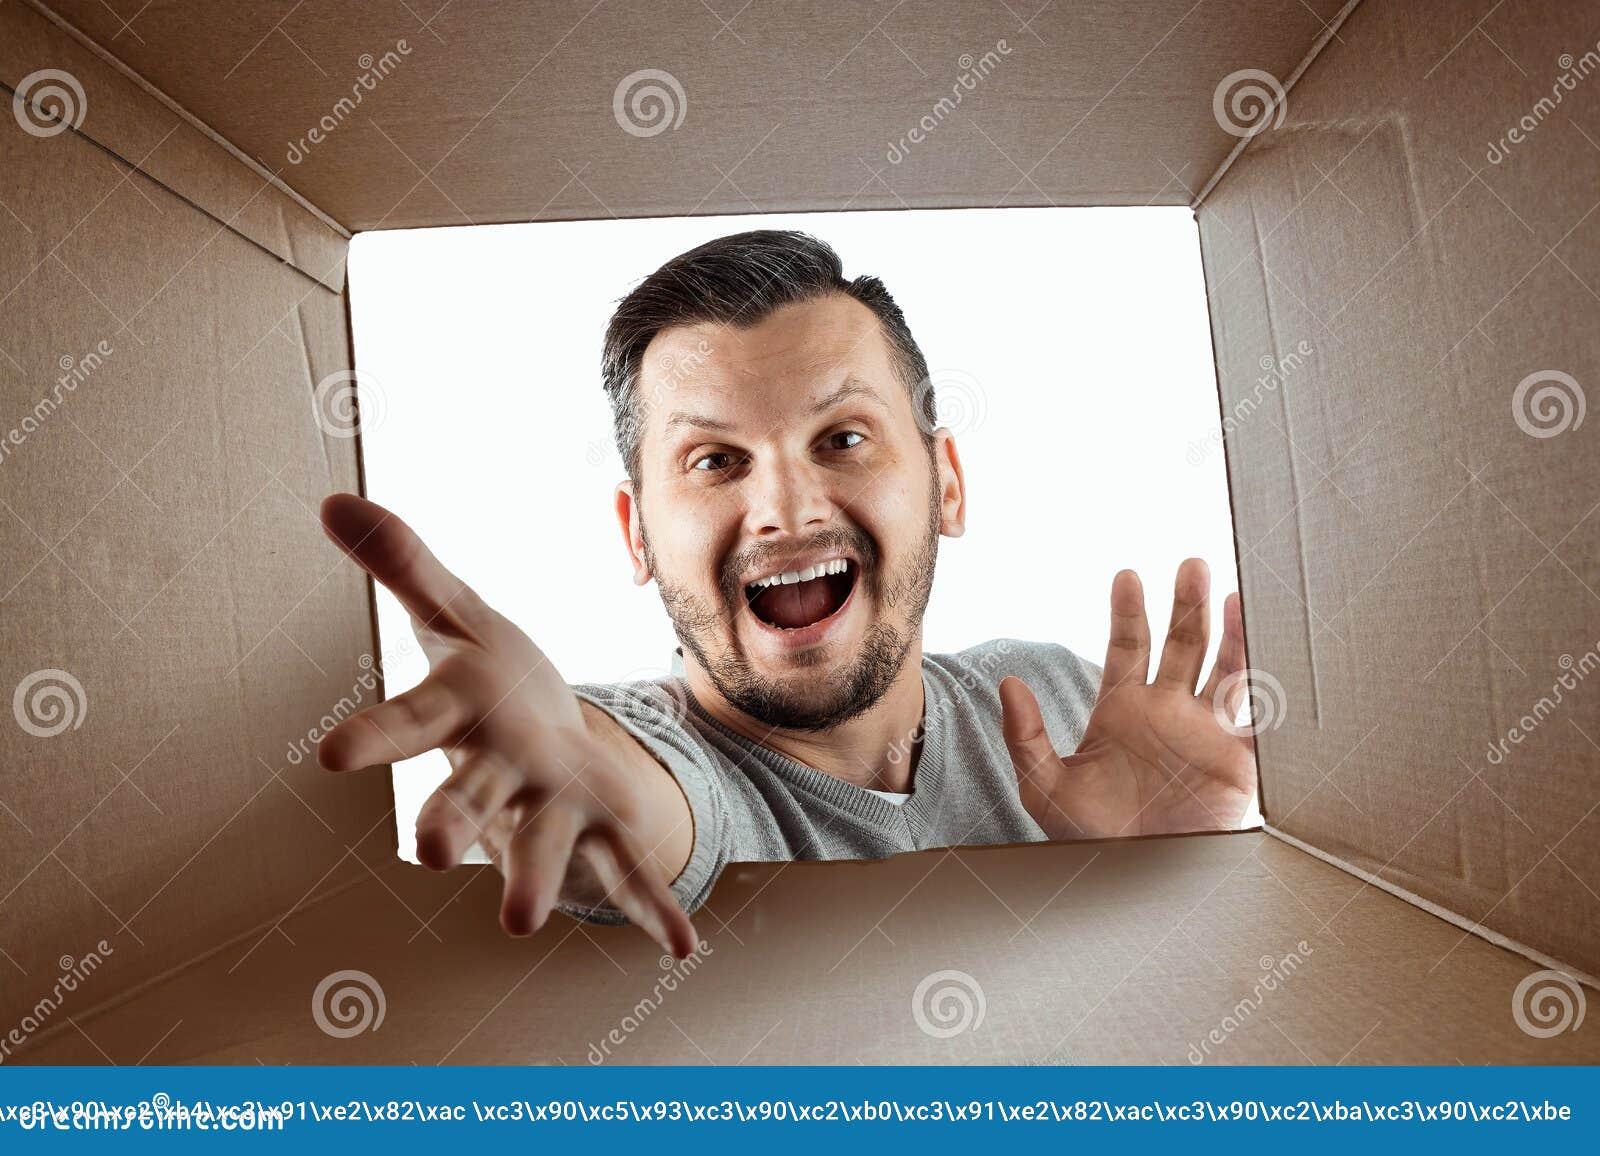 Unboxing, o fundo criativo, homem alegre abre a caixa e os olhares na surpresa O pacote, entrega, surpresa, presente